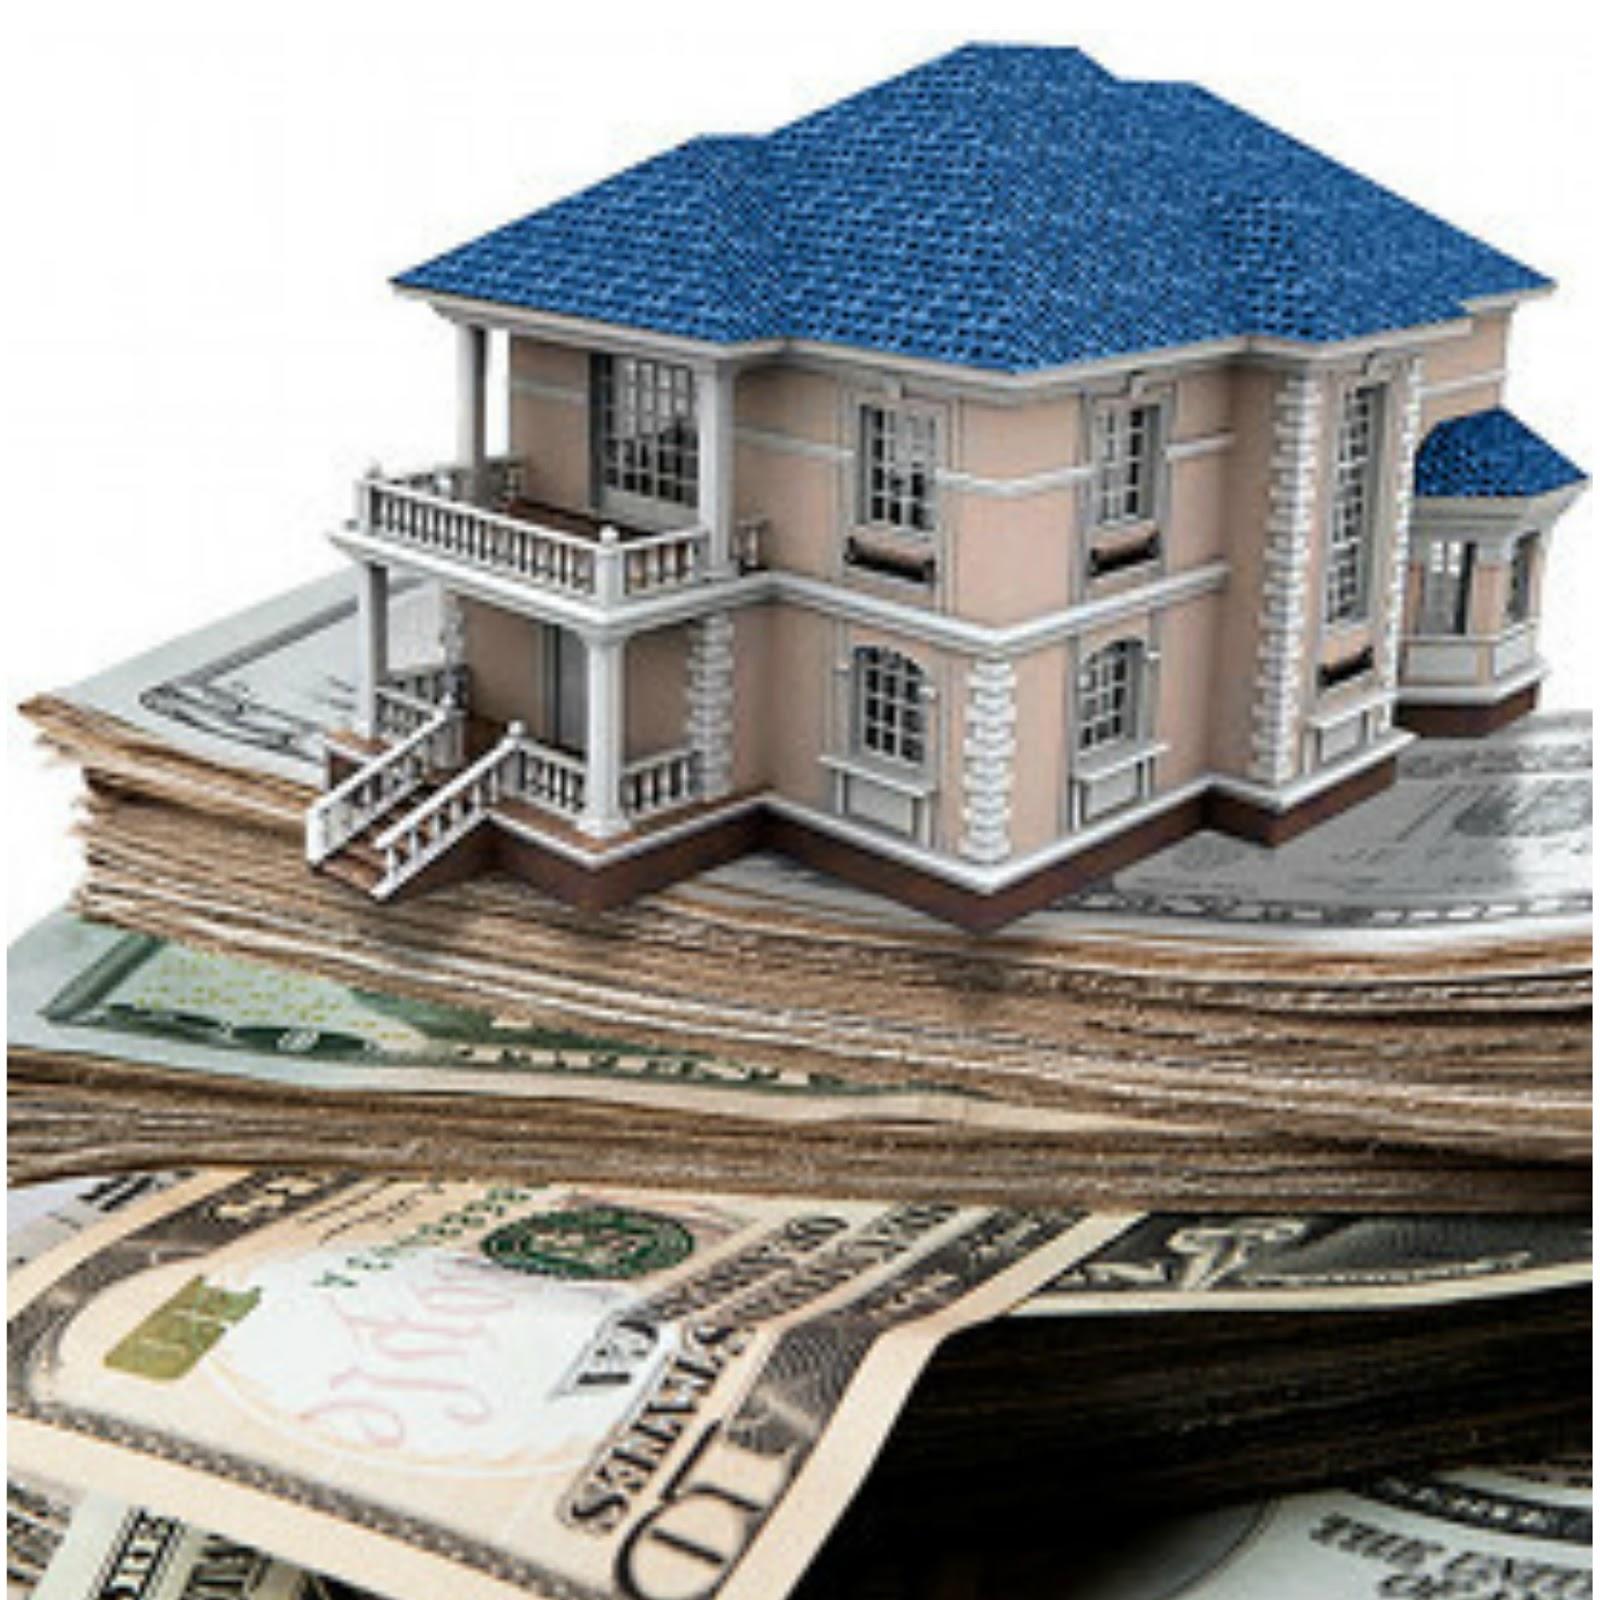 Temas de alto inter s c mo ahorrar dinero en familia - Como ahorrar dinero en casa ...